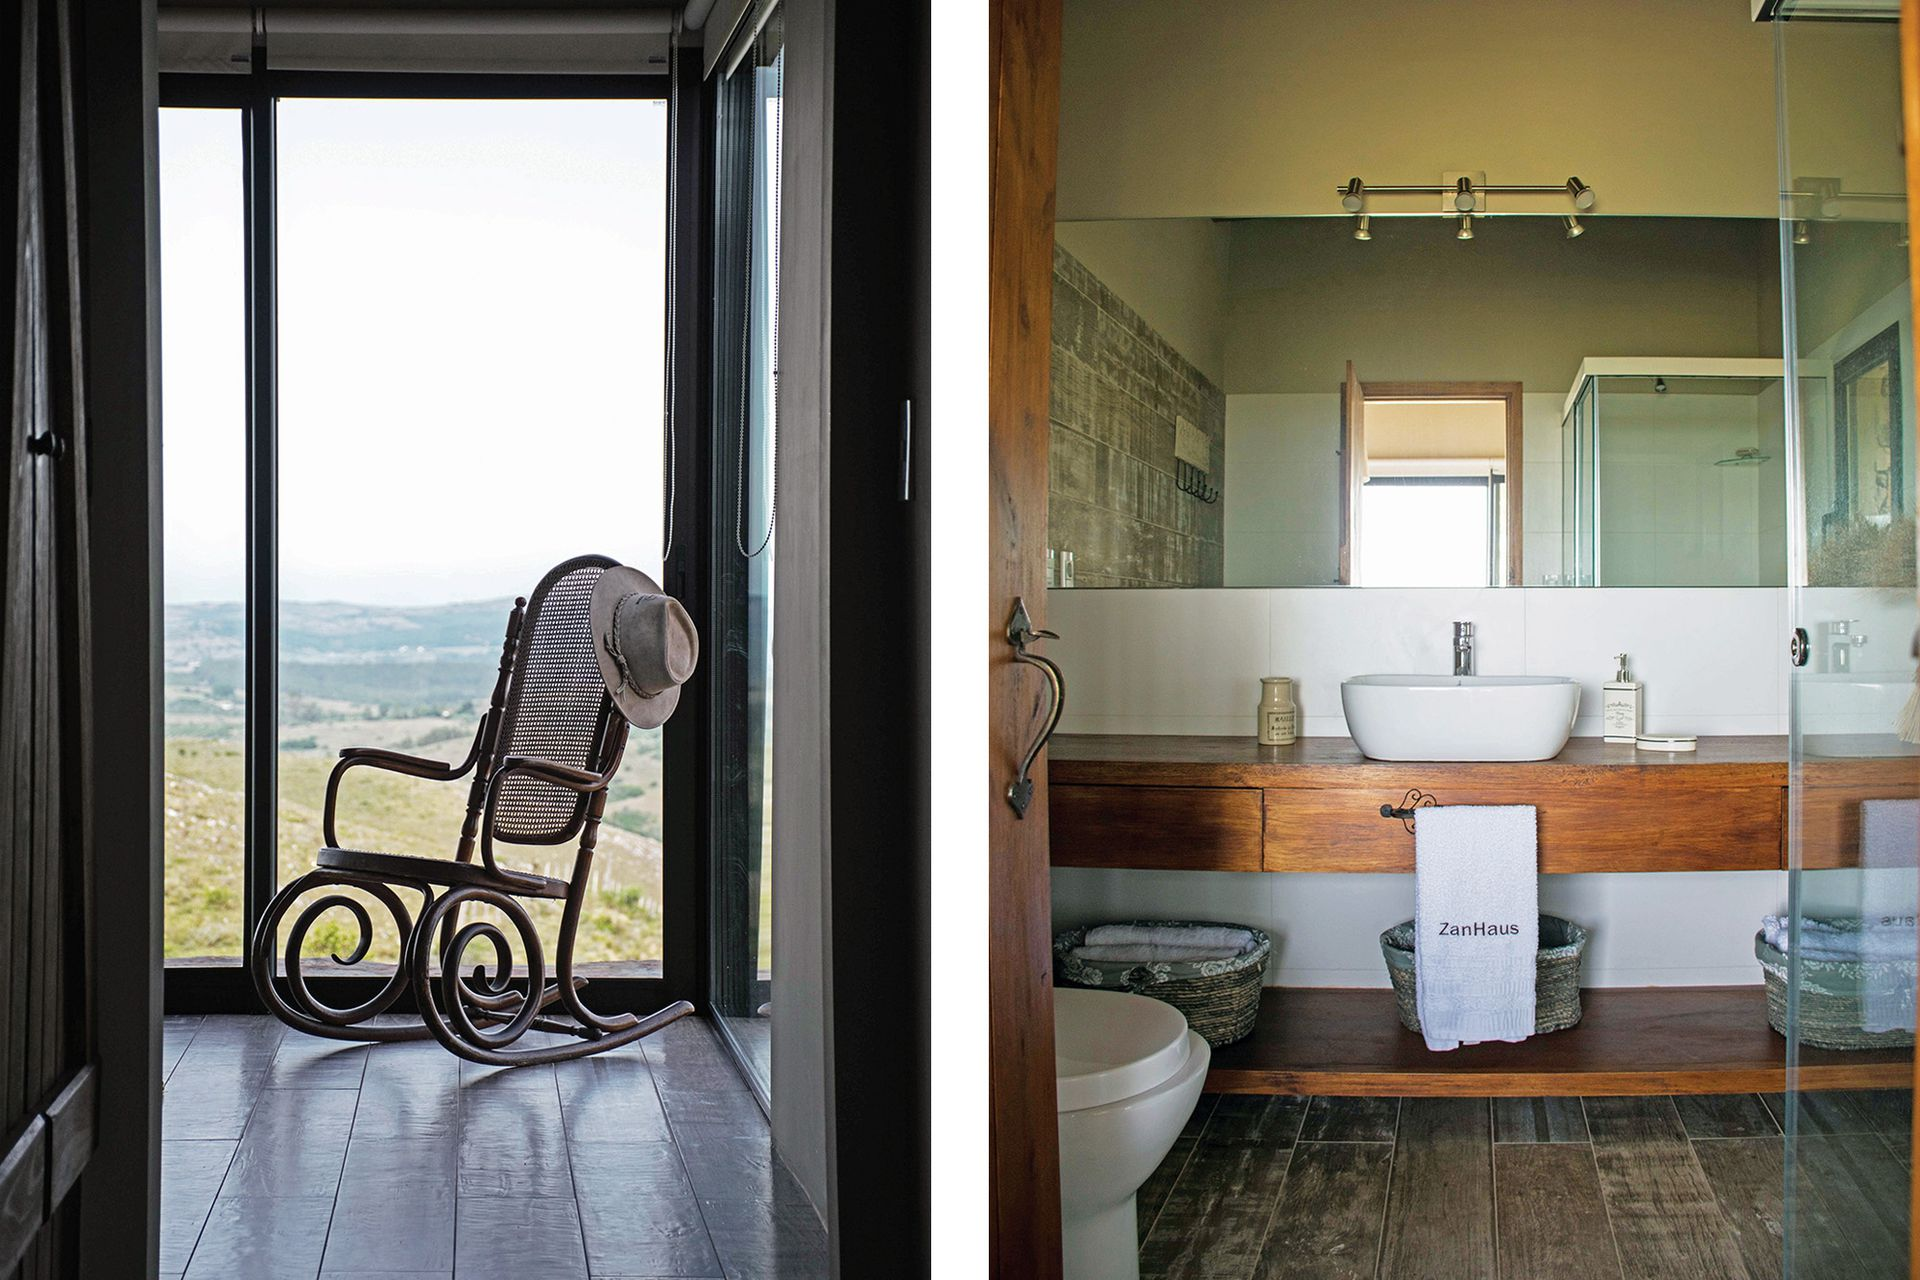 En el baño, el espejo refleja la luz natural que llega desde el ambiente contiguo.